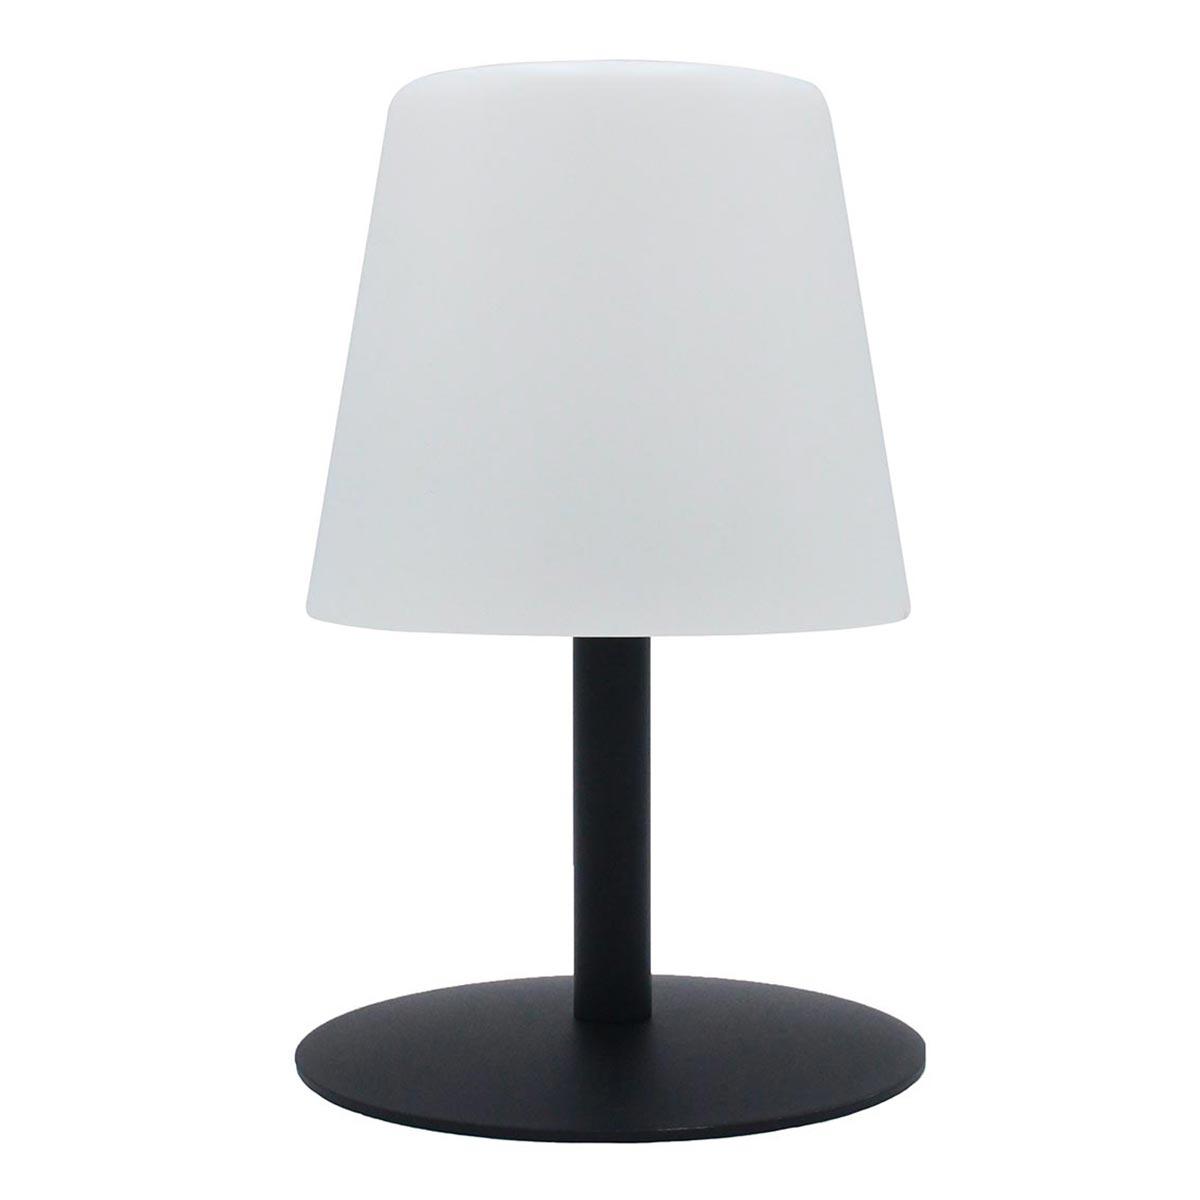 STANDY MINI-Lampe de table sans fil acier noir H25cm